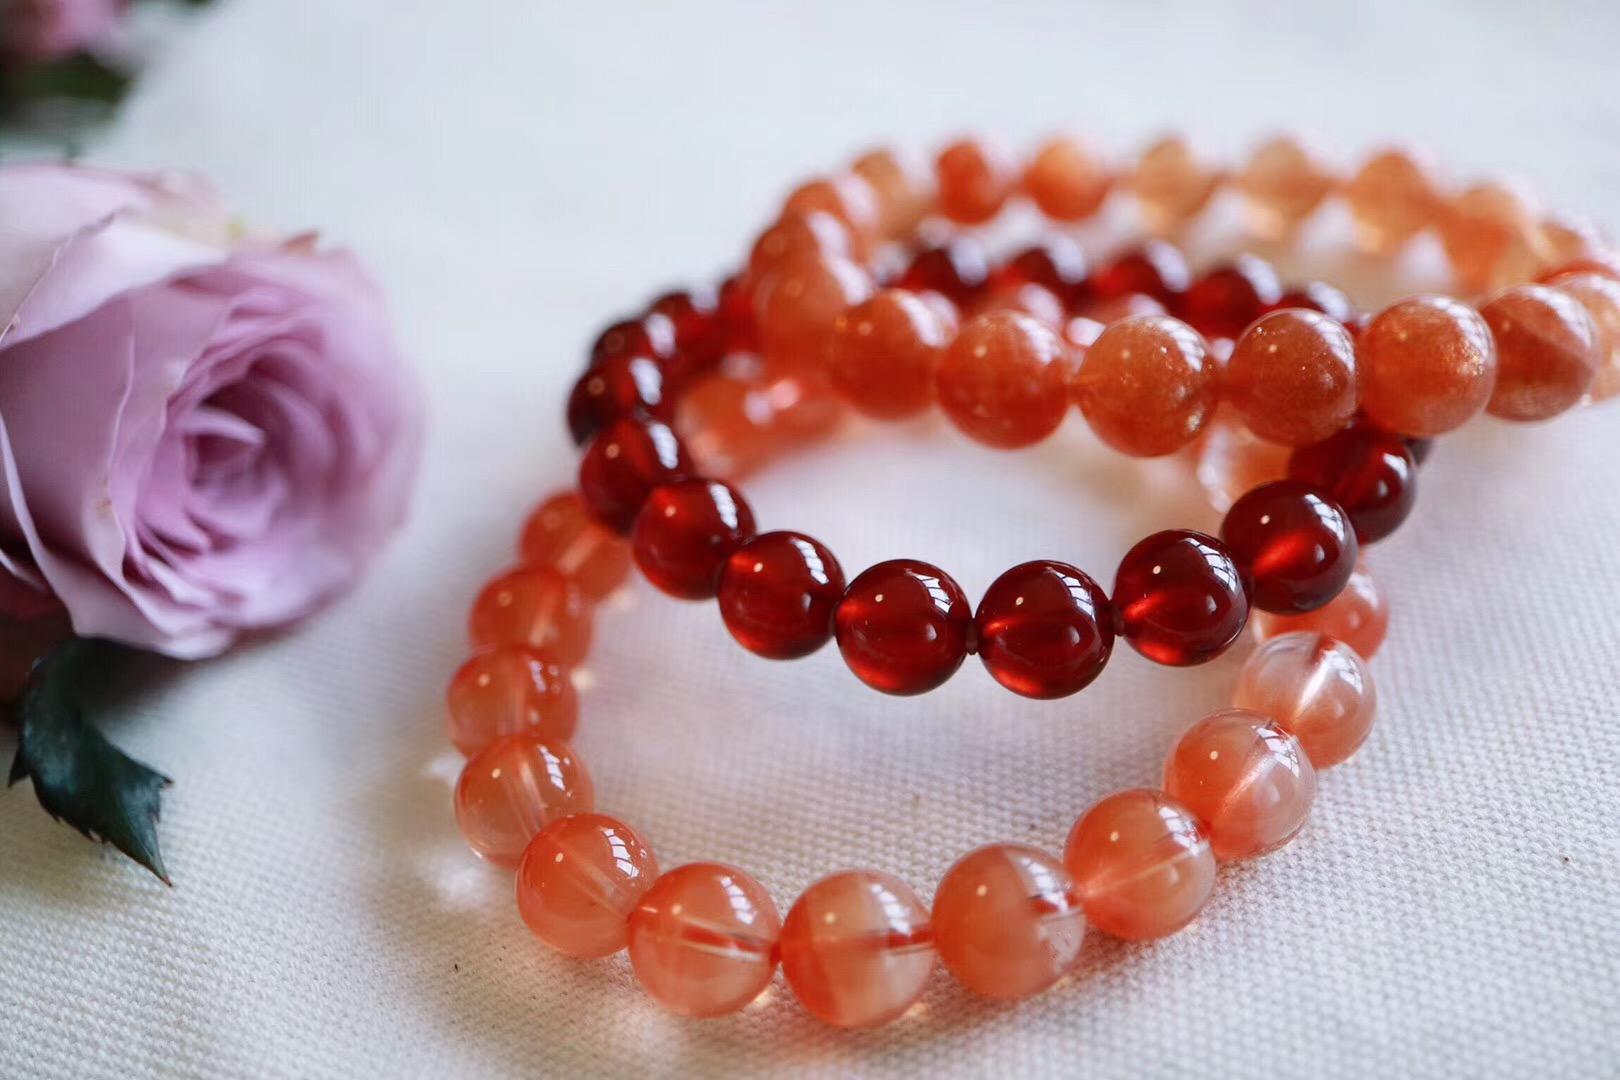 【菩心 | 脐轮晶石】橙红石榴石,红兔毛,太阳石调理脐轮-菩心晶舍